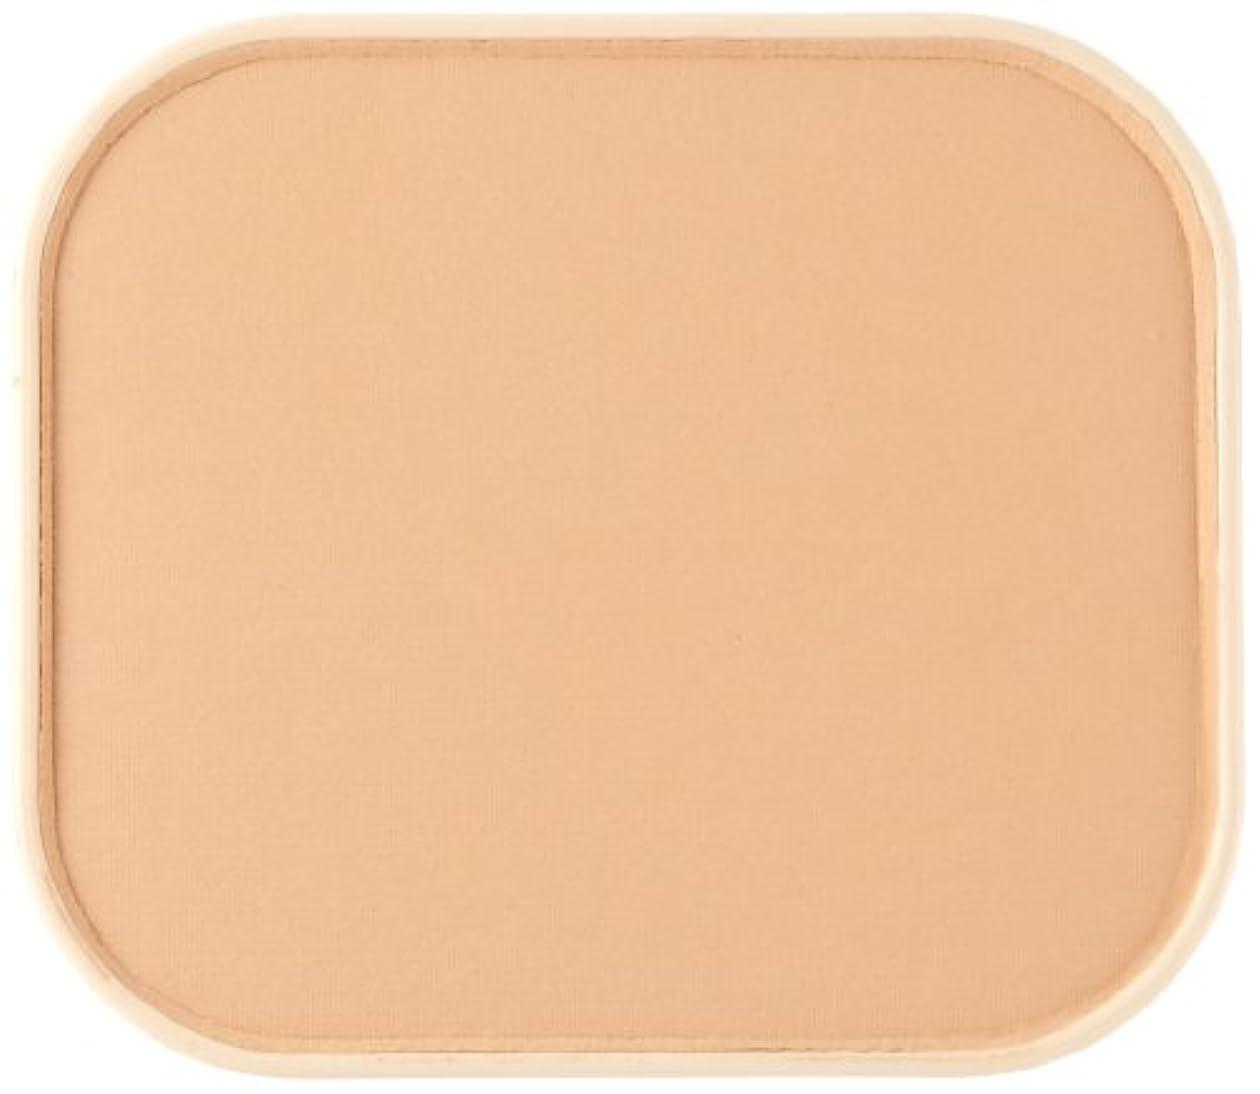 効率的に囲い謙虚なKOSE コーセー ノア パウダーファンデーション UV (しっかりカバー) EX 40 詰替用 (12.5g)